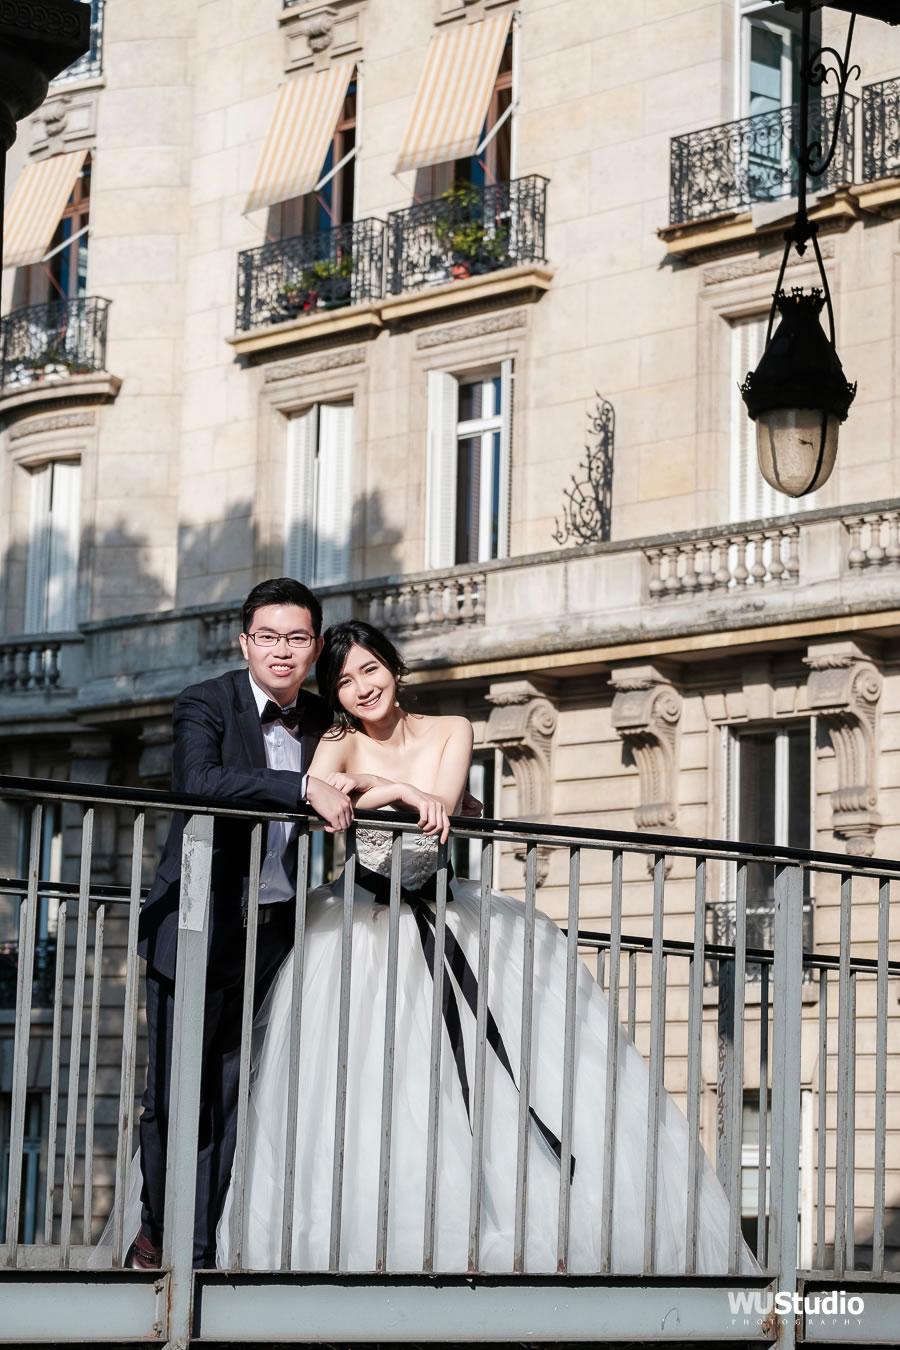 巴黎婚紗 | Anny & Andy - 輕婚紗, 旅行婚紗, 海外婚紗, 法國自助婚紗, RogerWu 自助婚紗攝影, 日常婚紗